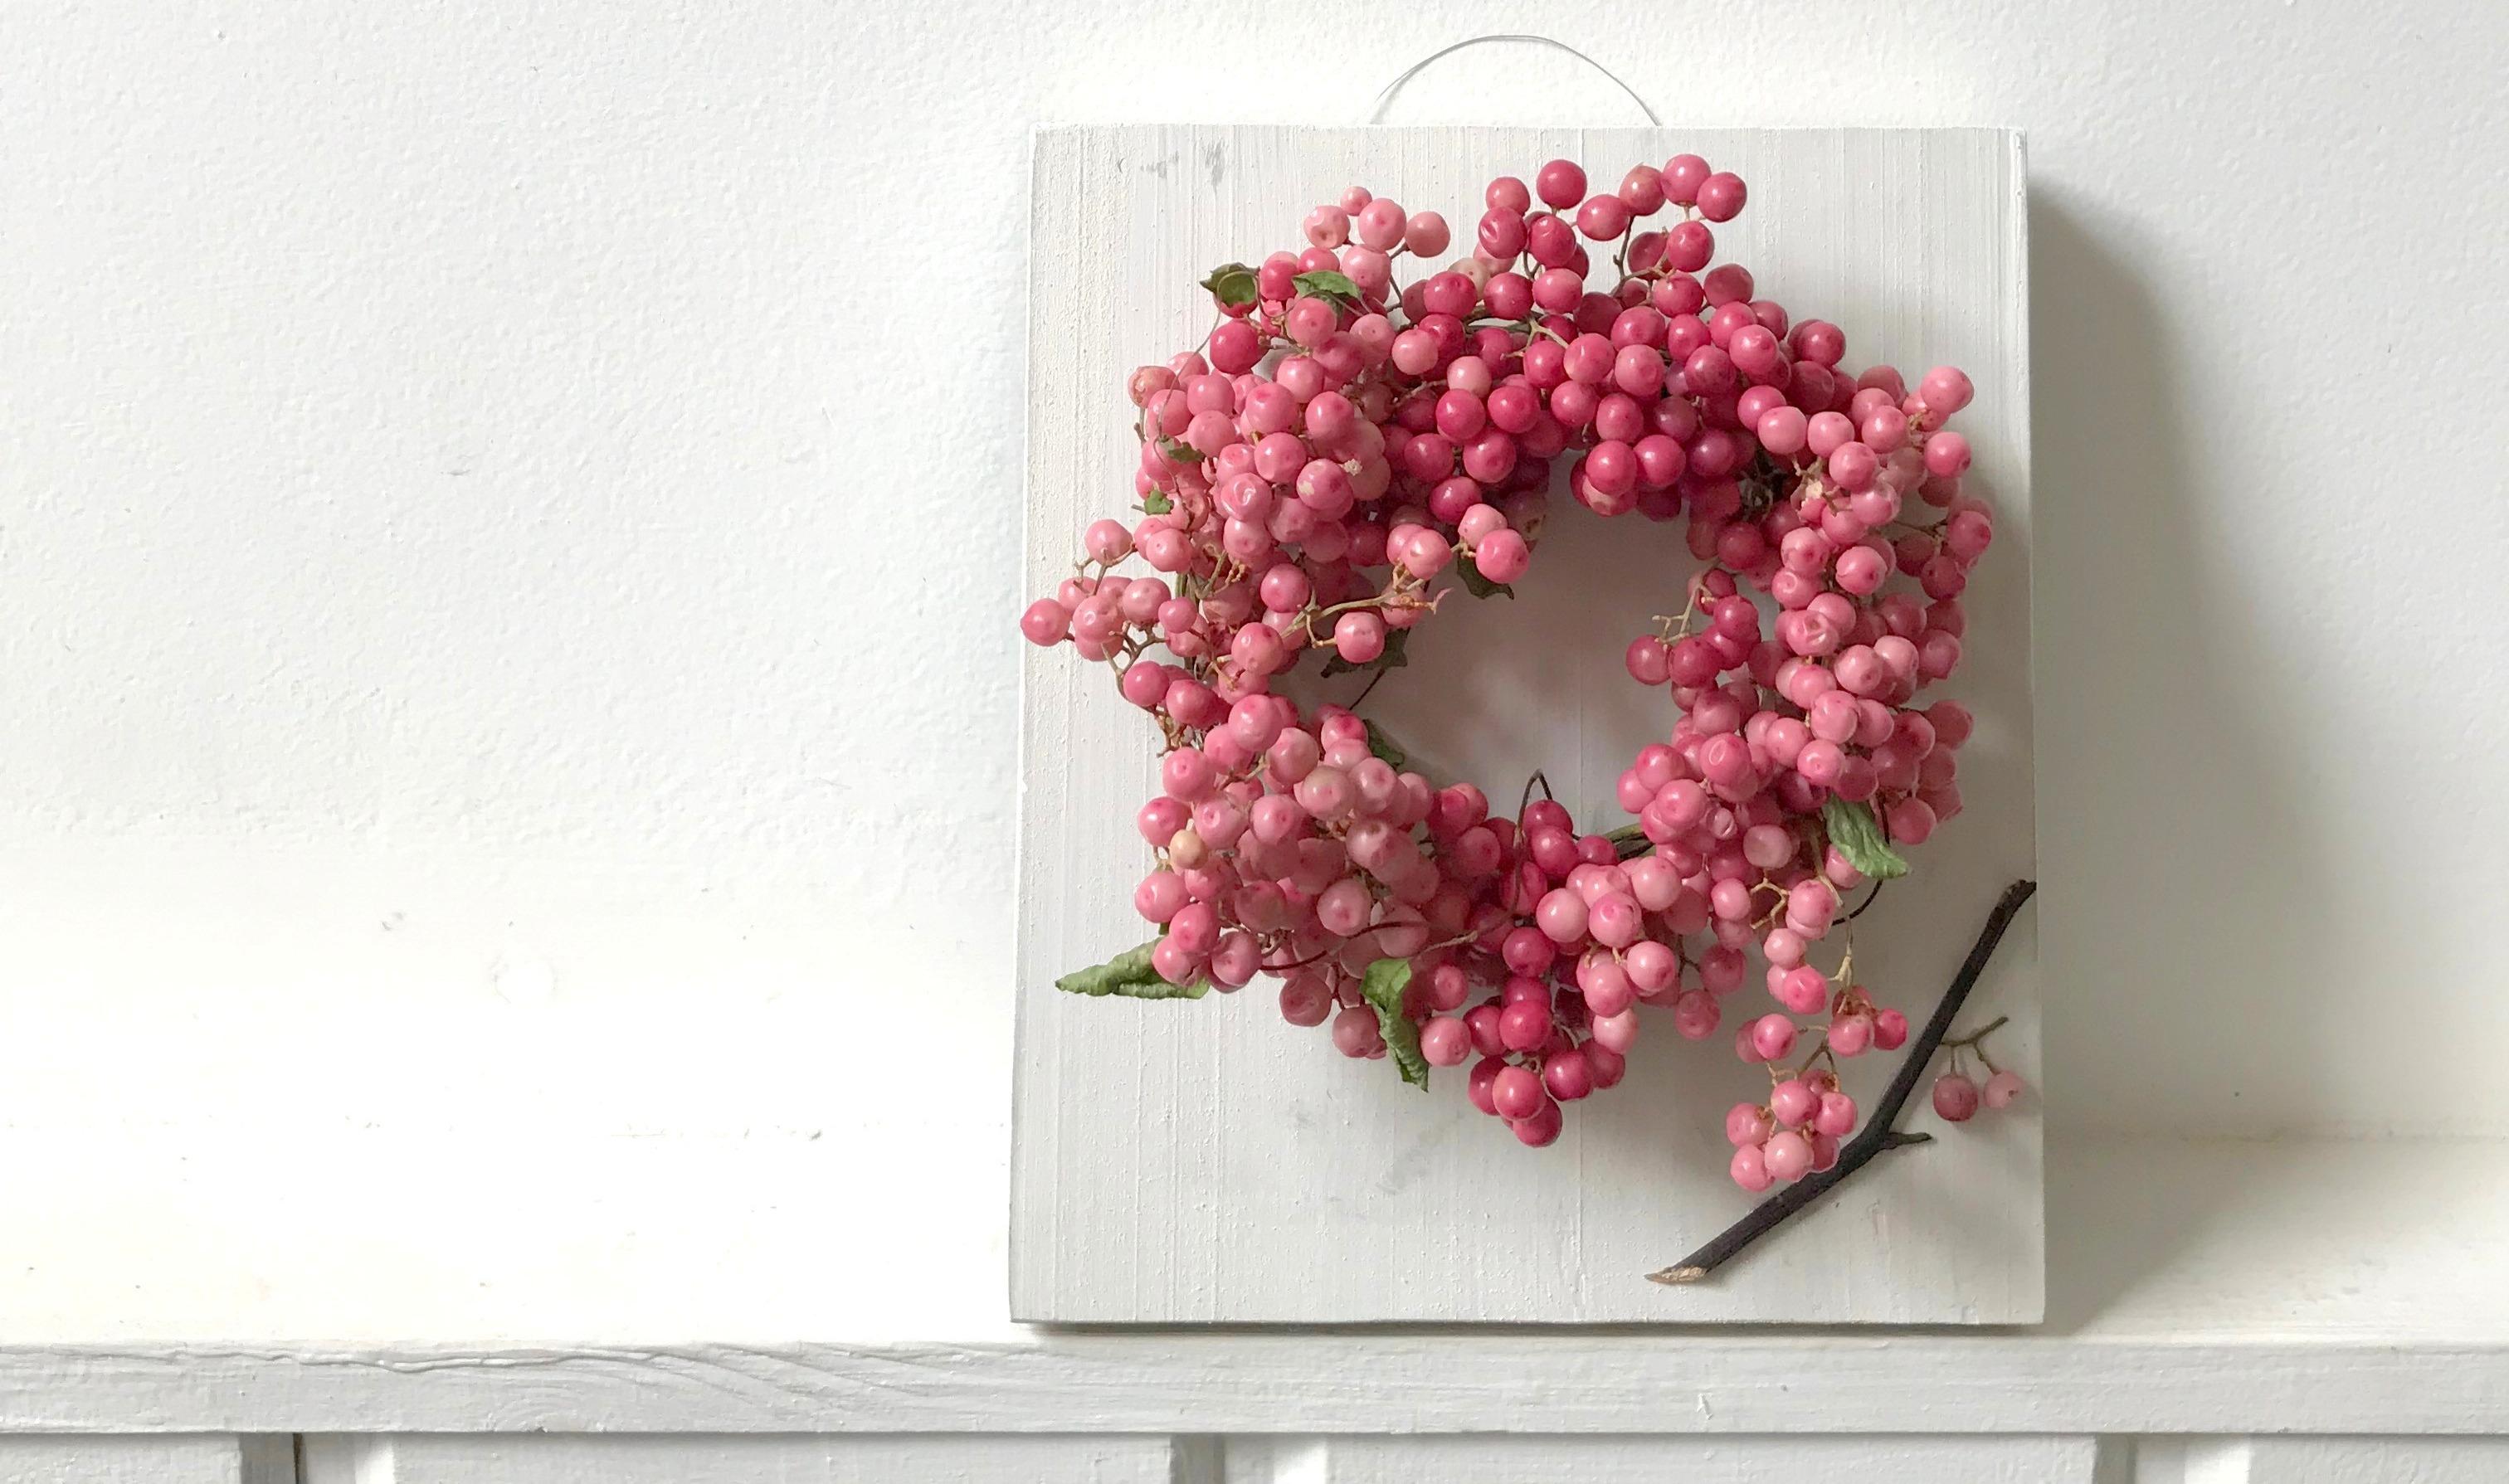 【ワークショップのお知らせ/9月22日】花のある暮らし「絵画のような手のひらサイズのリース作り」を開催します